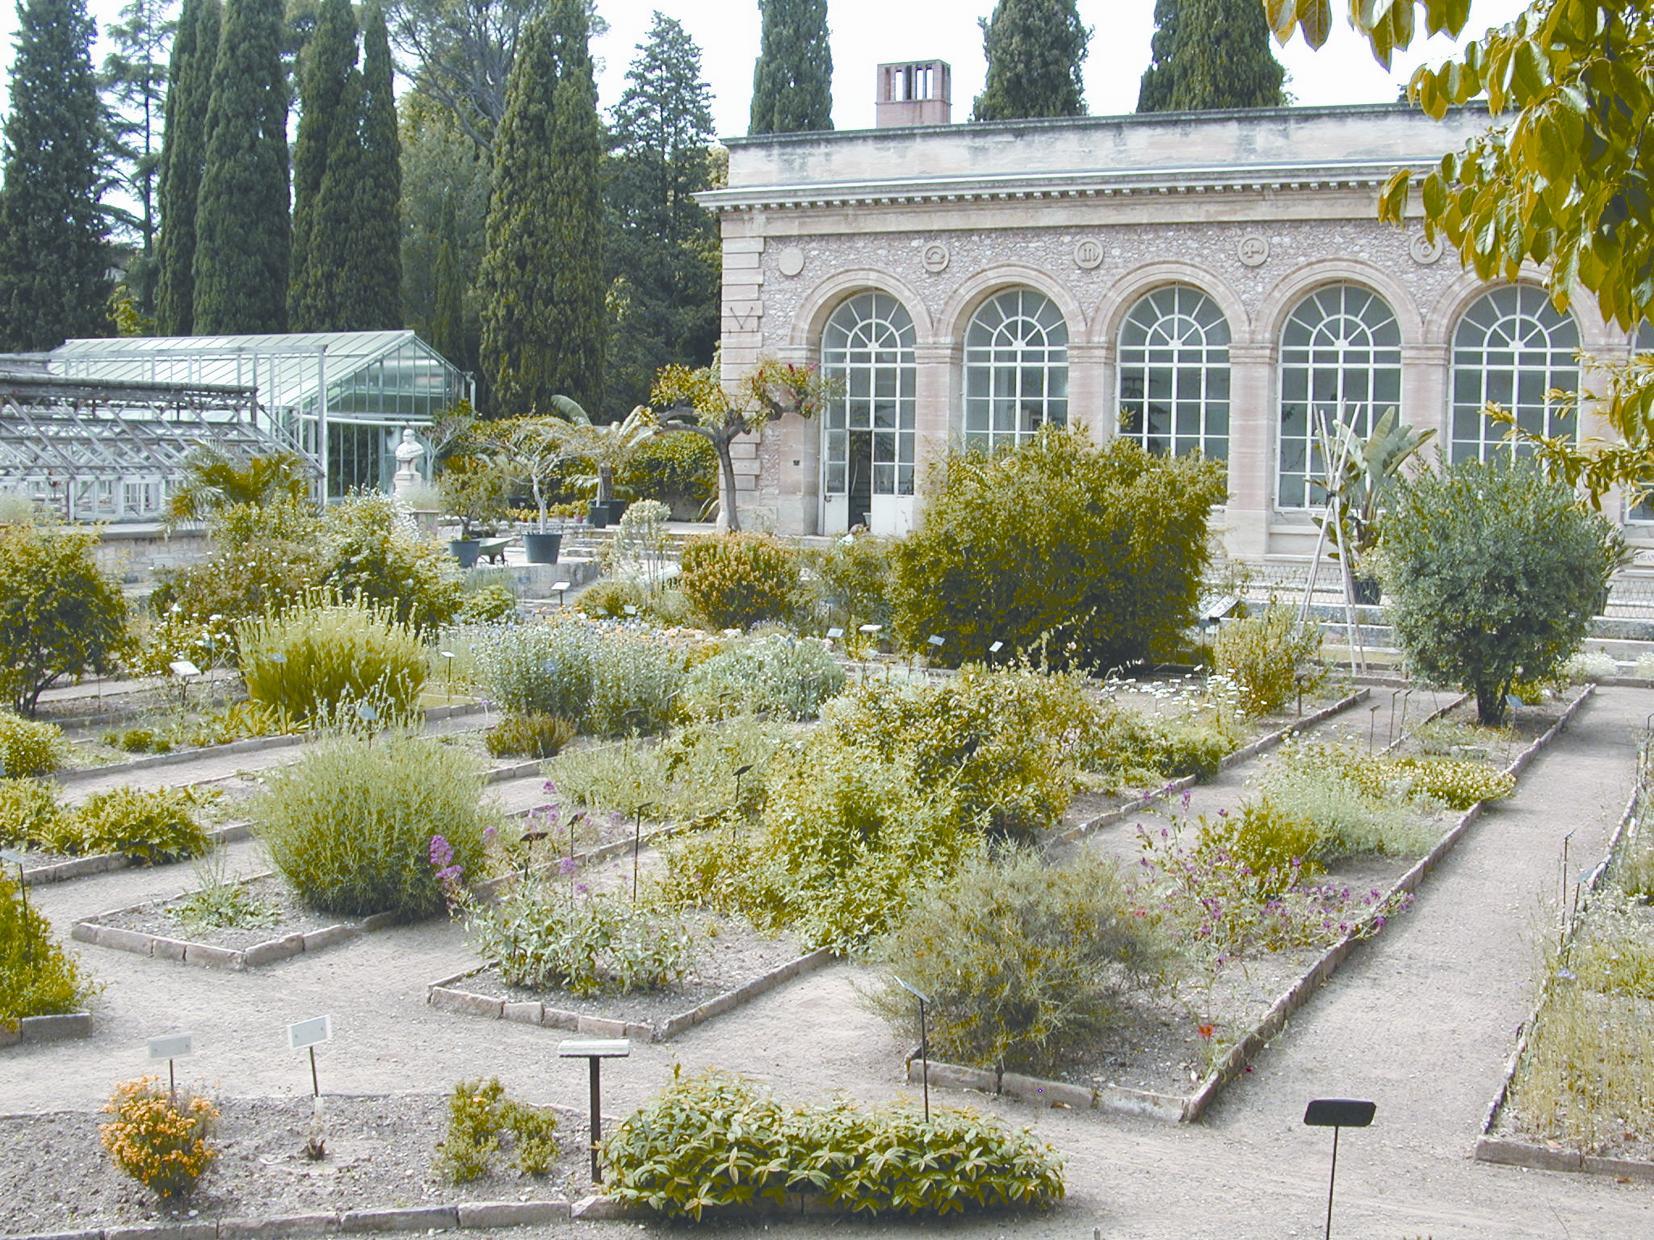 Jardin des plantes de montpellier wikiwand for Animaux jardin des plantes